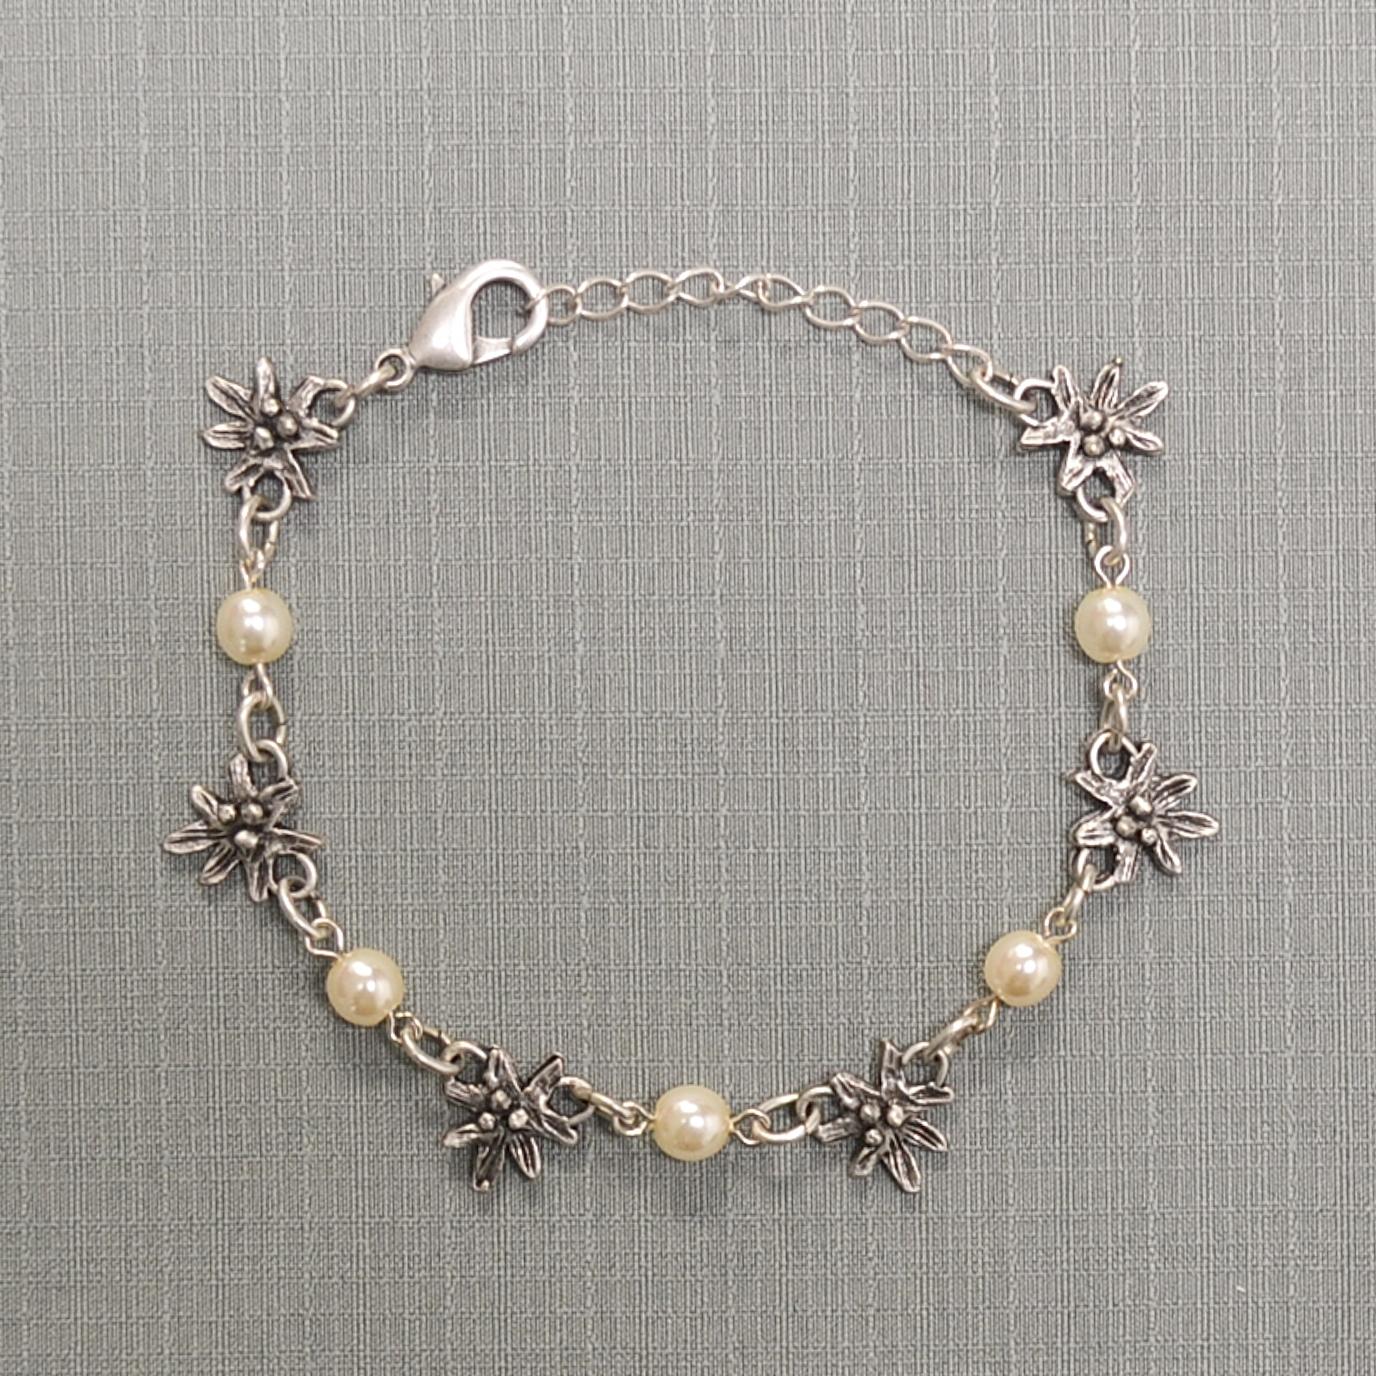 Edelweiss bracelet pearl-bracelet traditional jewelry